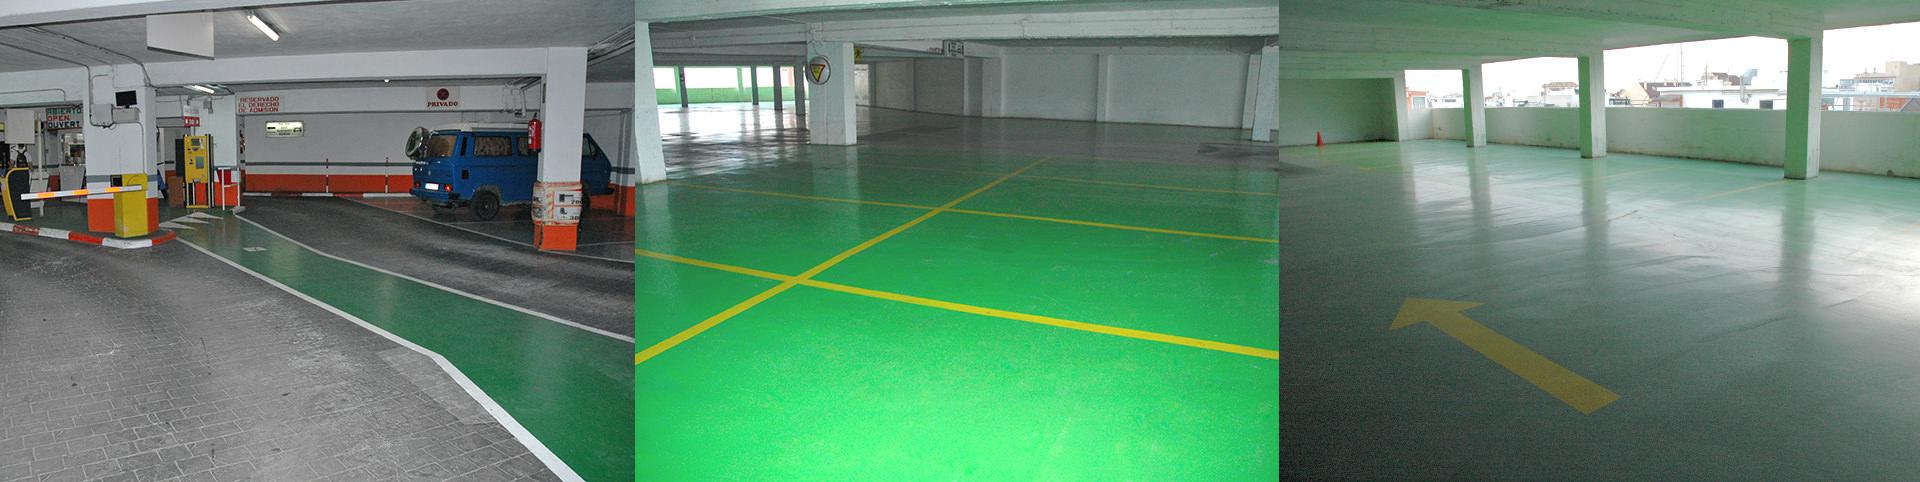 pavimento parking en ruzafa - tudepa